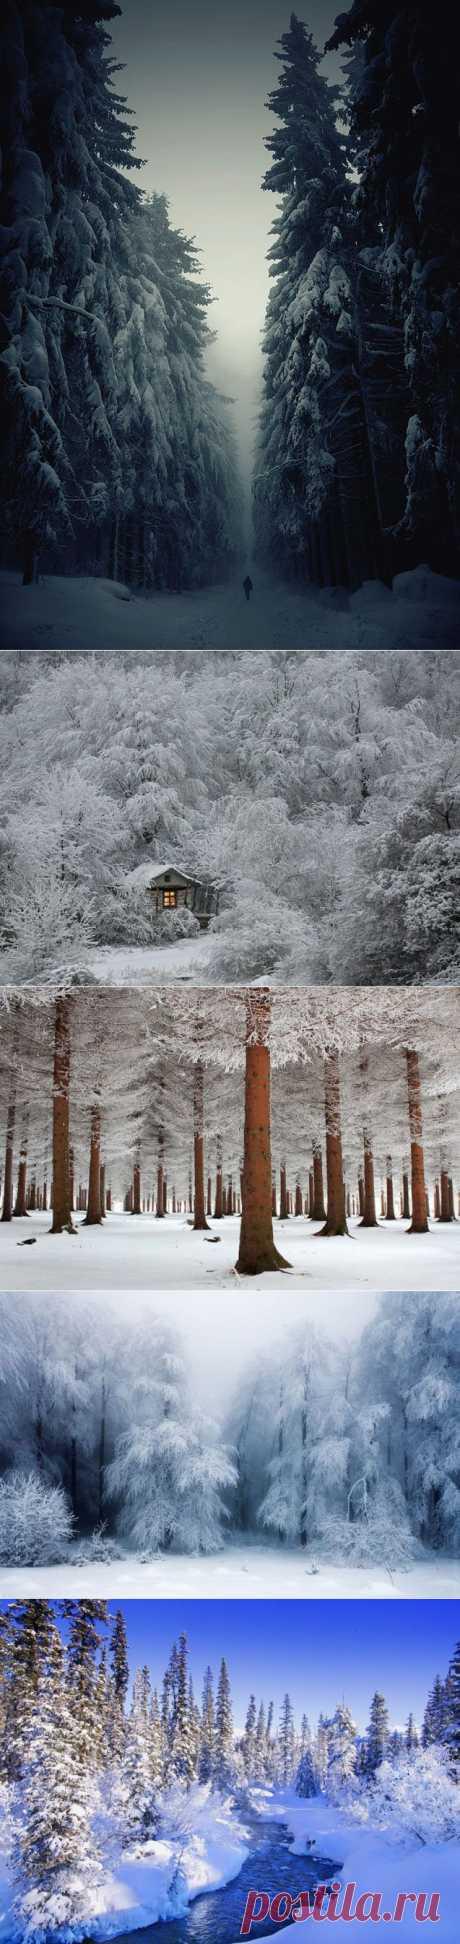 Отдохнем от жары, или снежные пейзажи / Туристический спутник